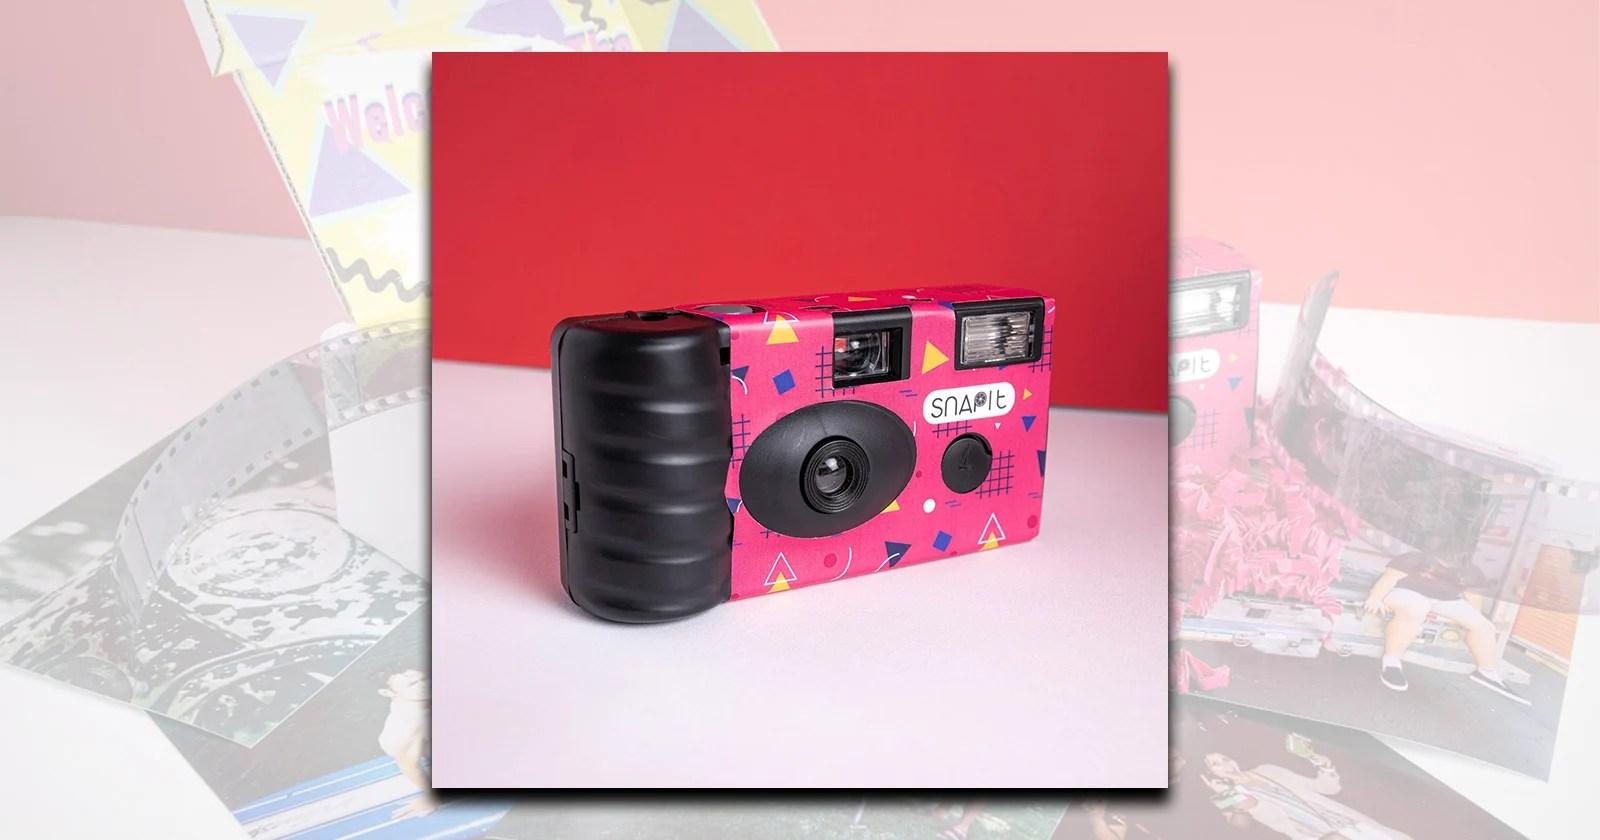 Snap It raggruppa le fotocamere usa e getta in un modello in abbonamento